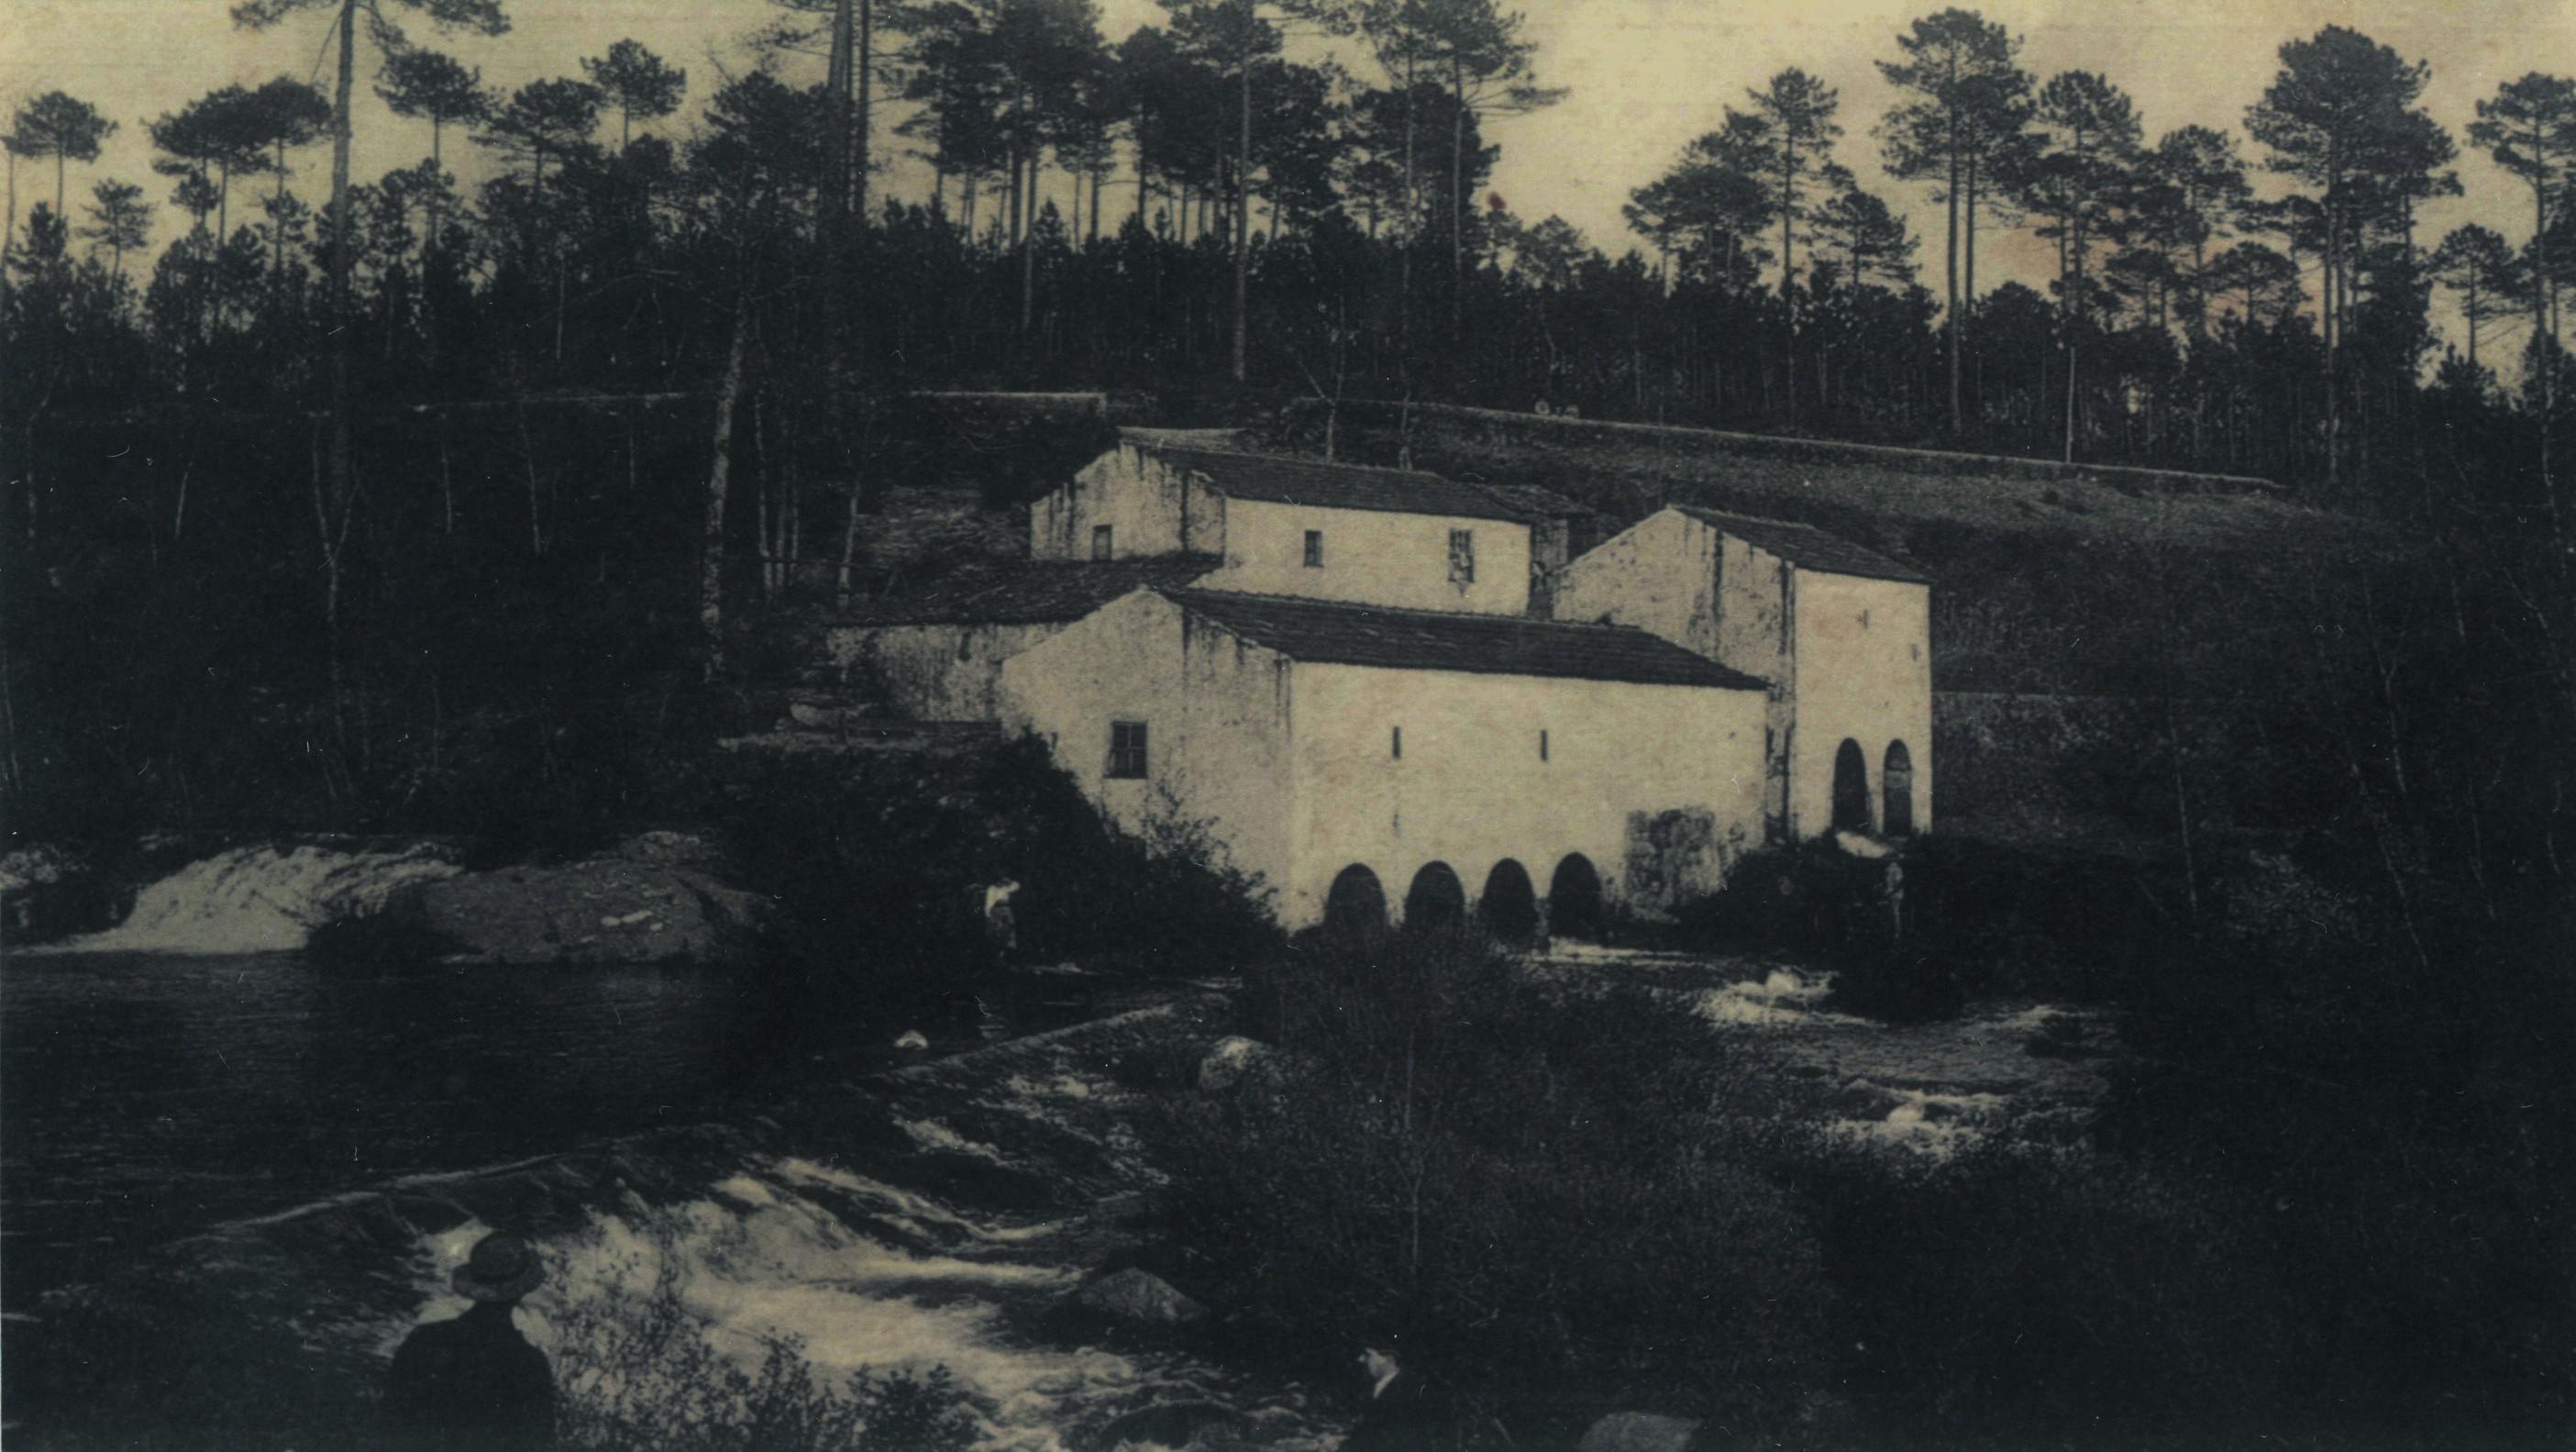 Moinhos, Cucujães (1920)